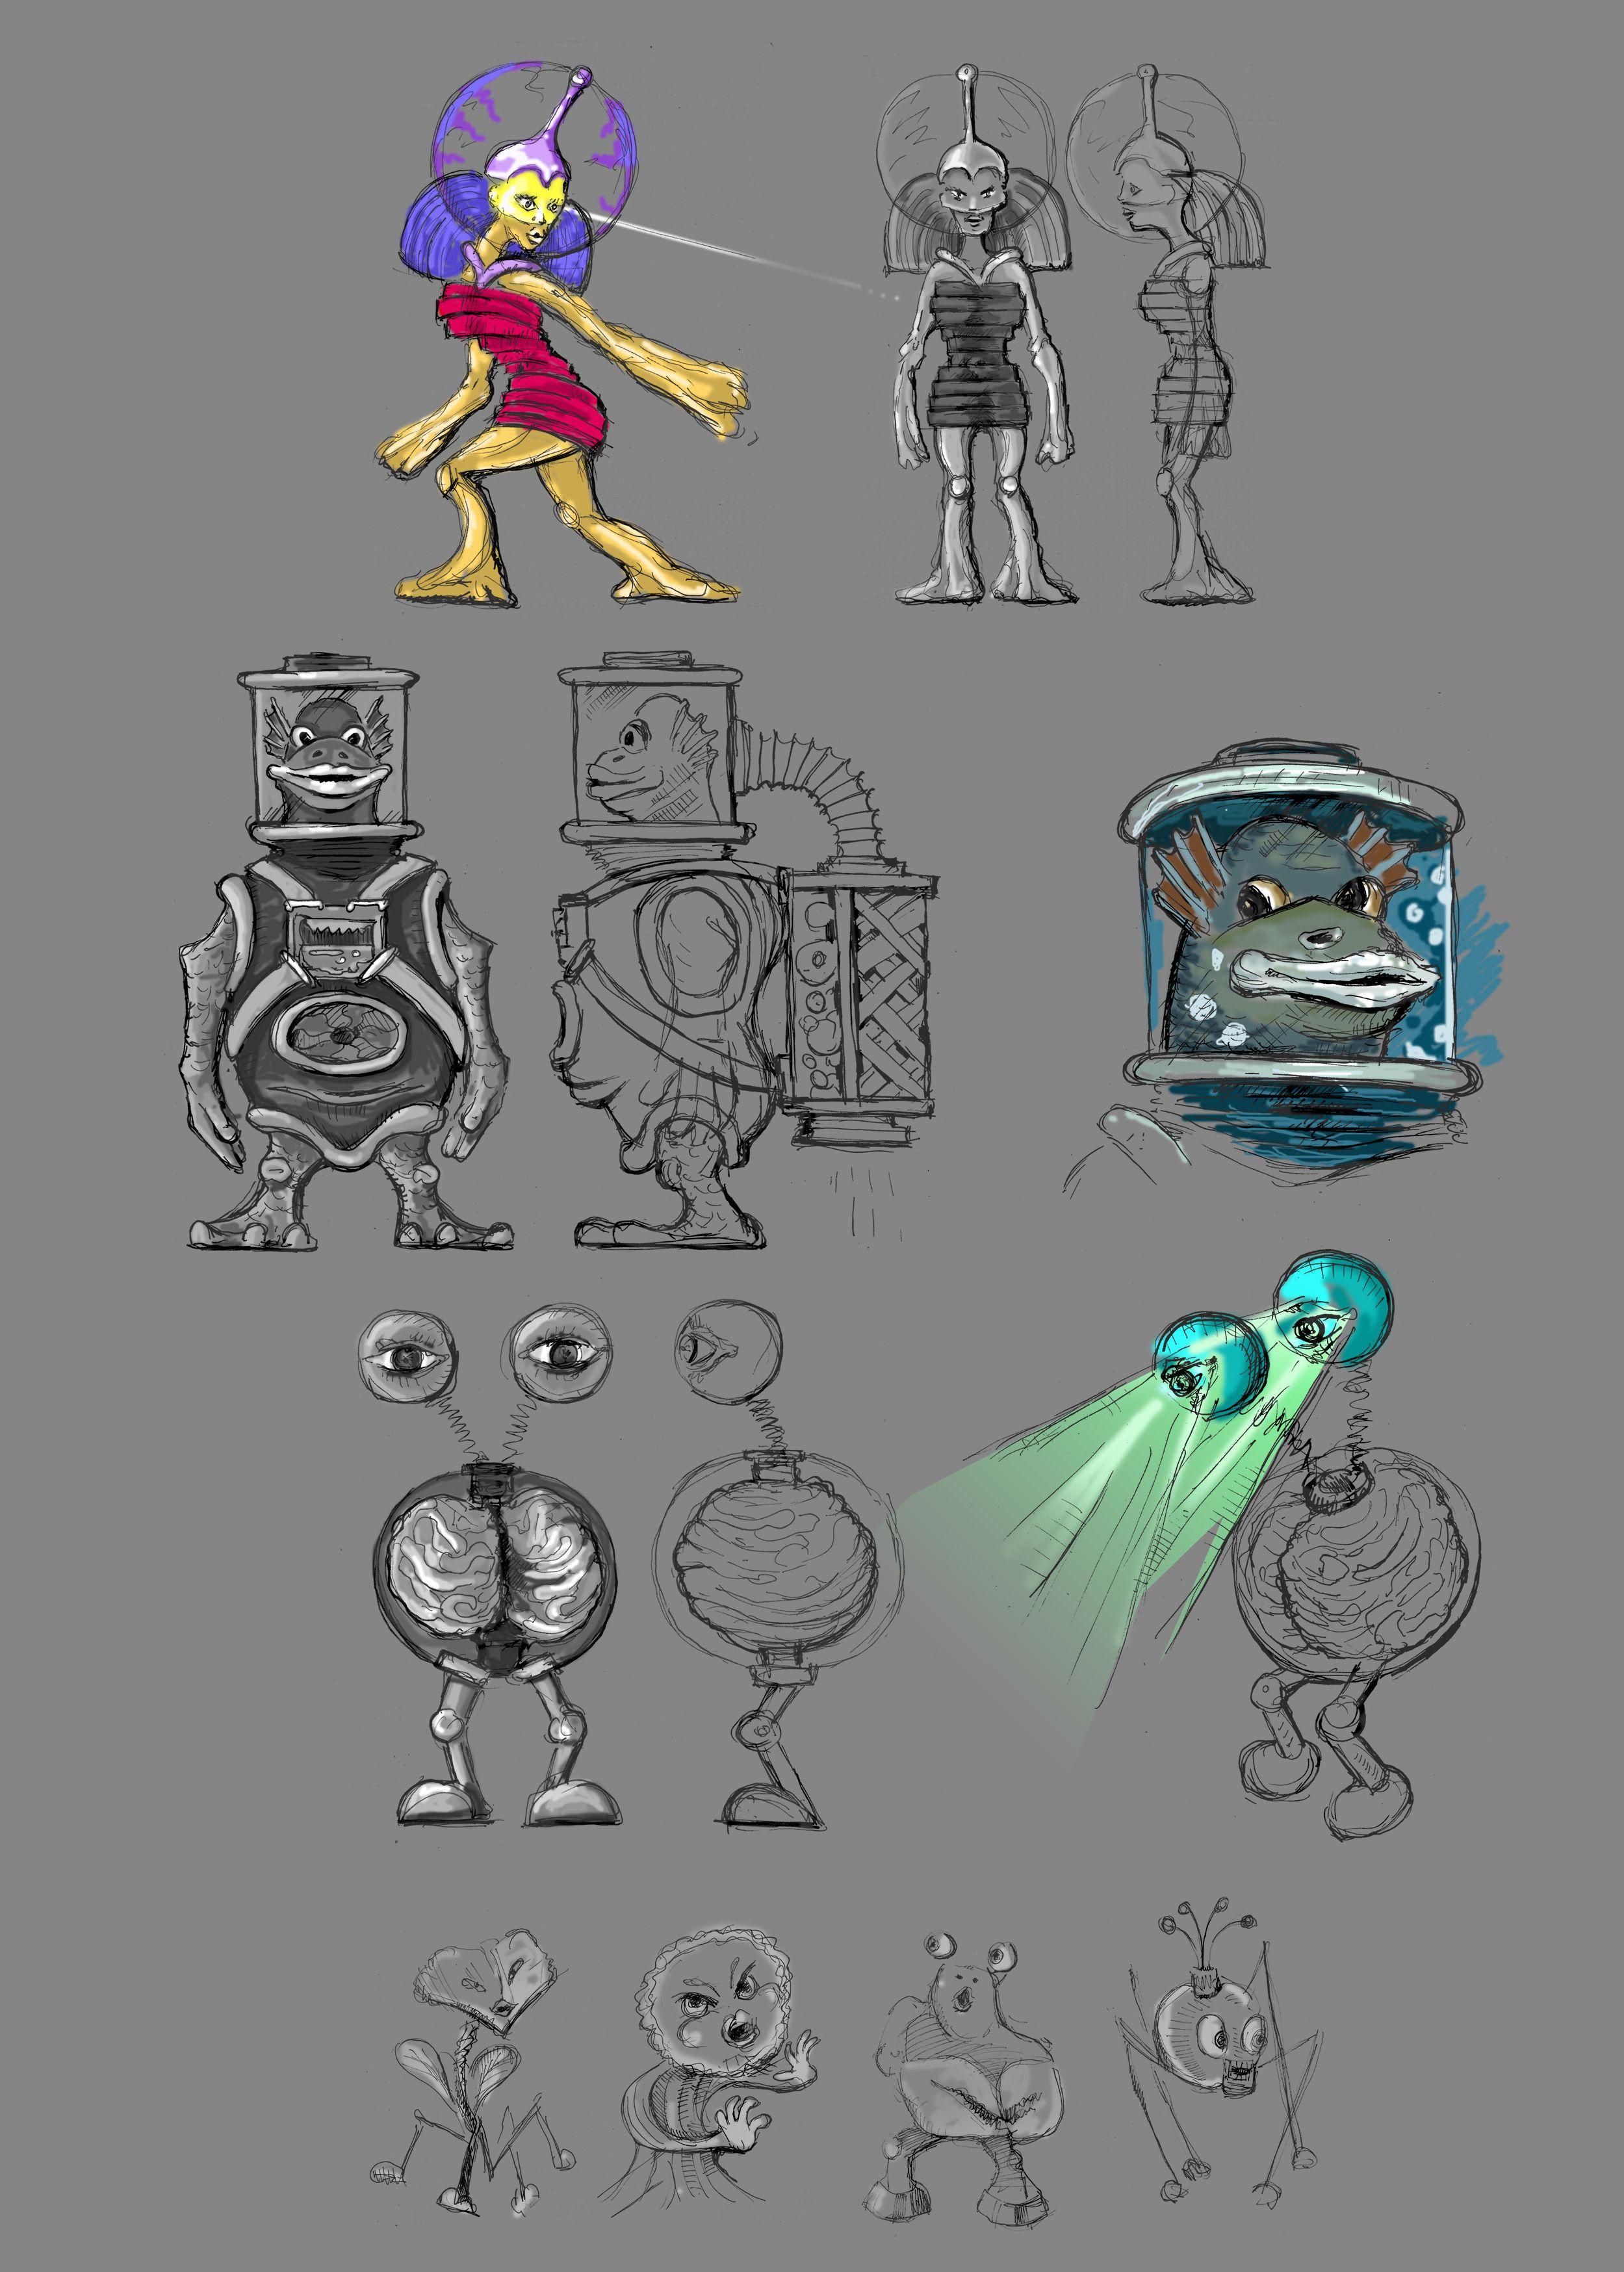 Нужен скетч персонажа для игры - дизайнер soundgraph